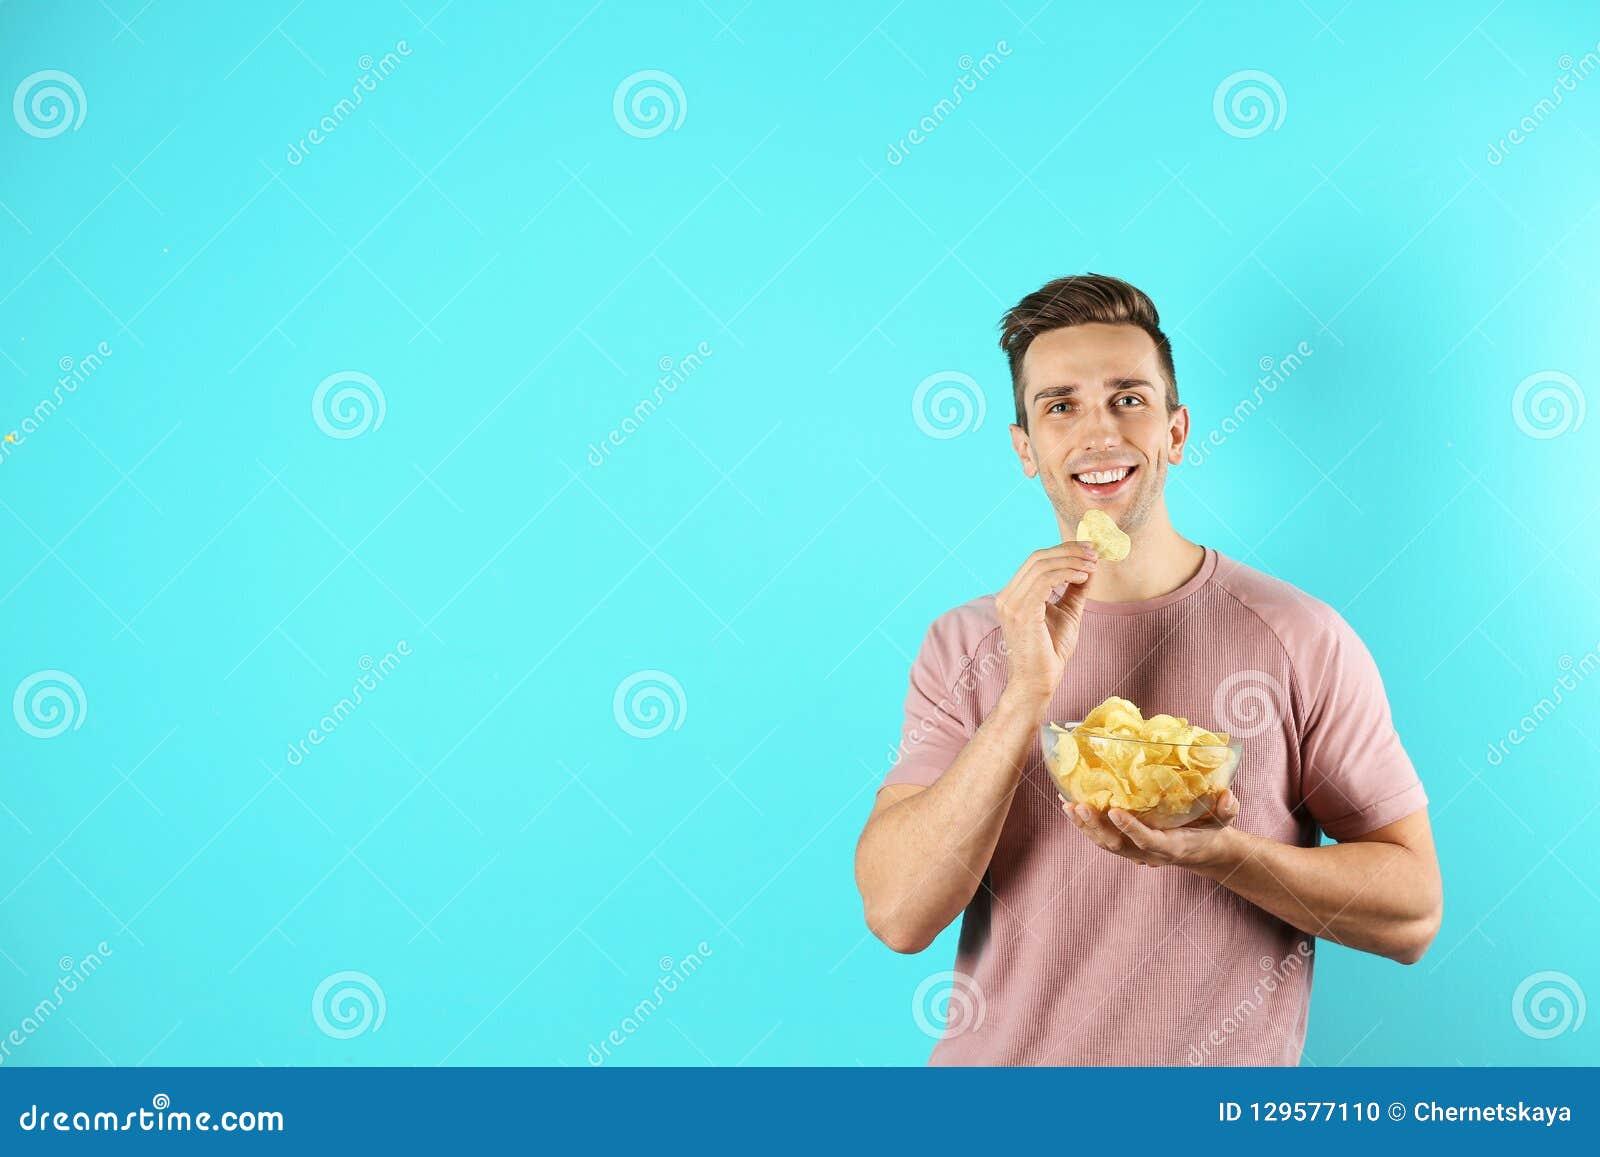 Fleisch fressende Kartoffelchips auf Farbhintergrund